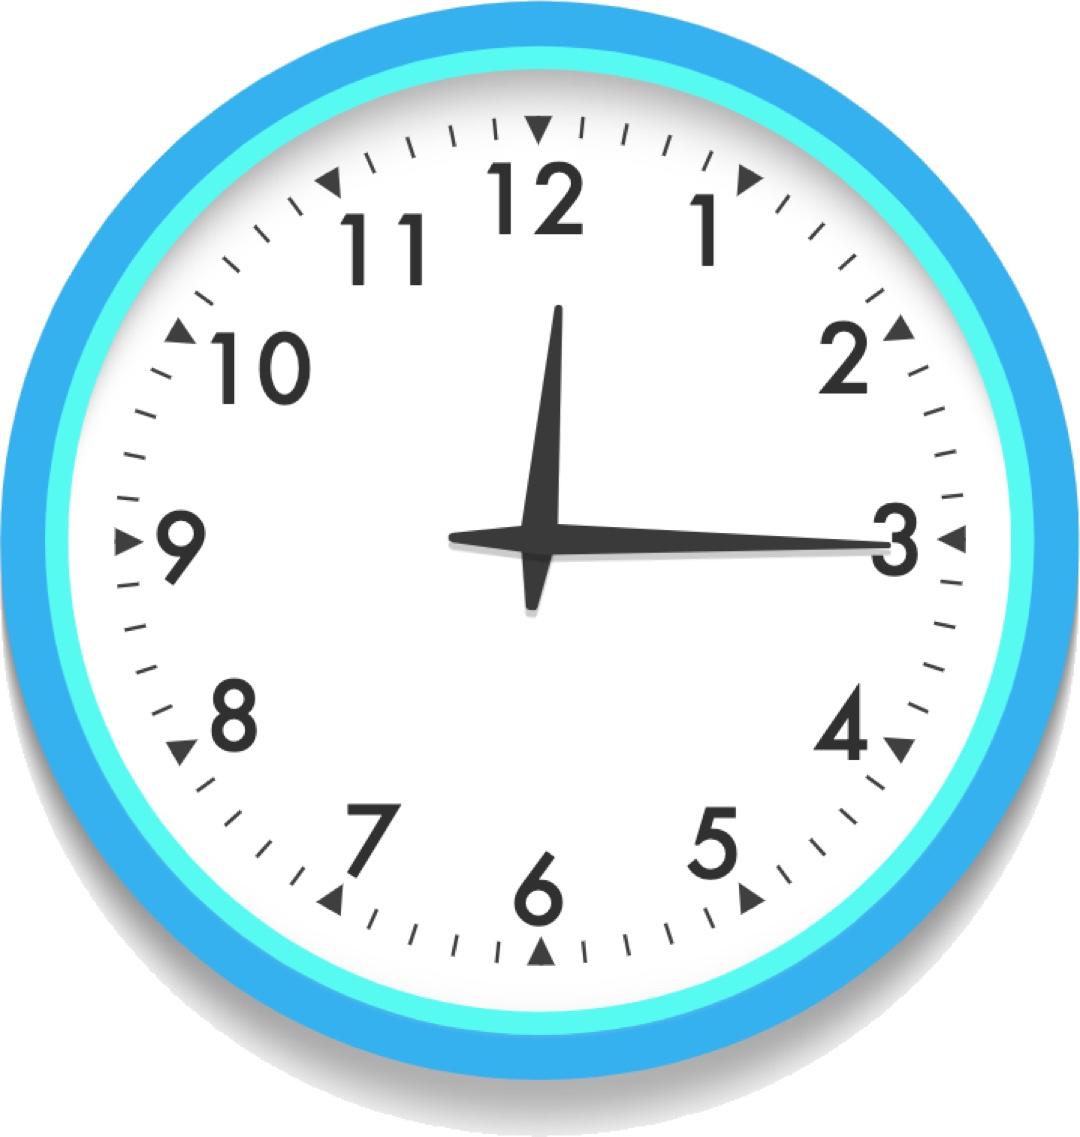 analog clock at 12:15